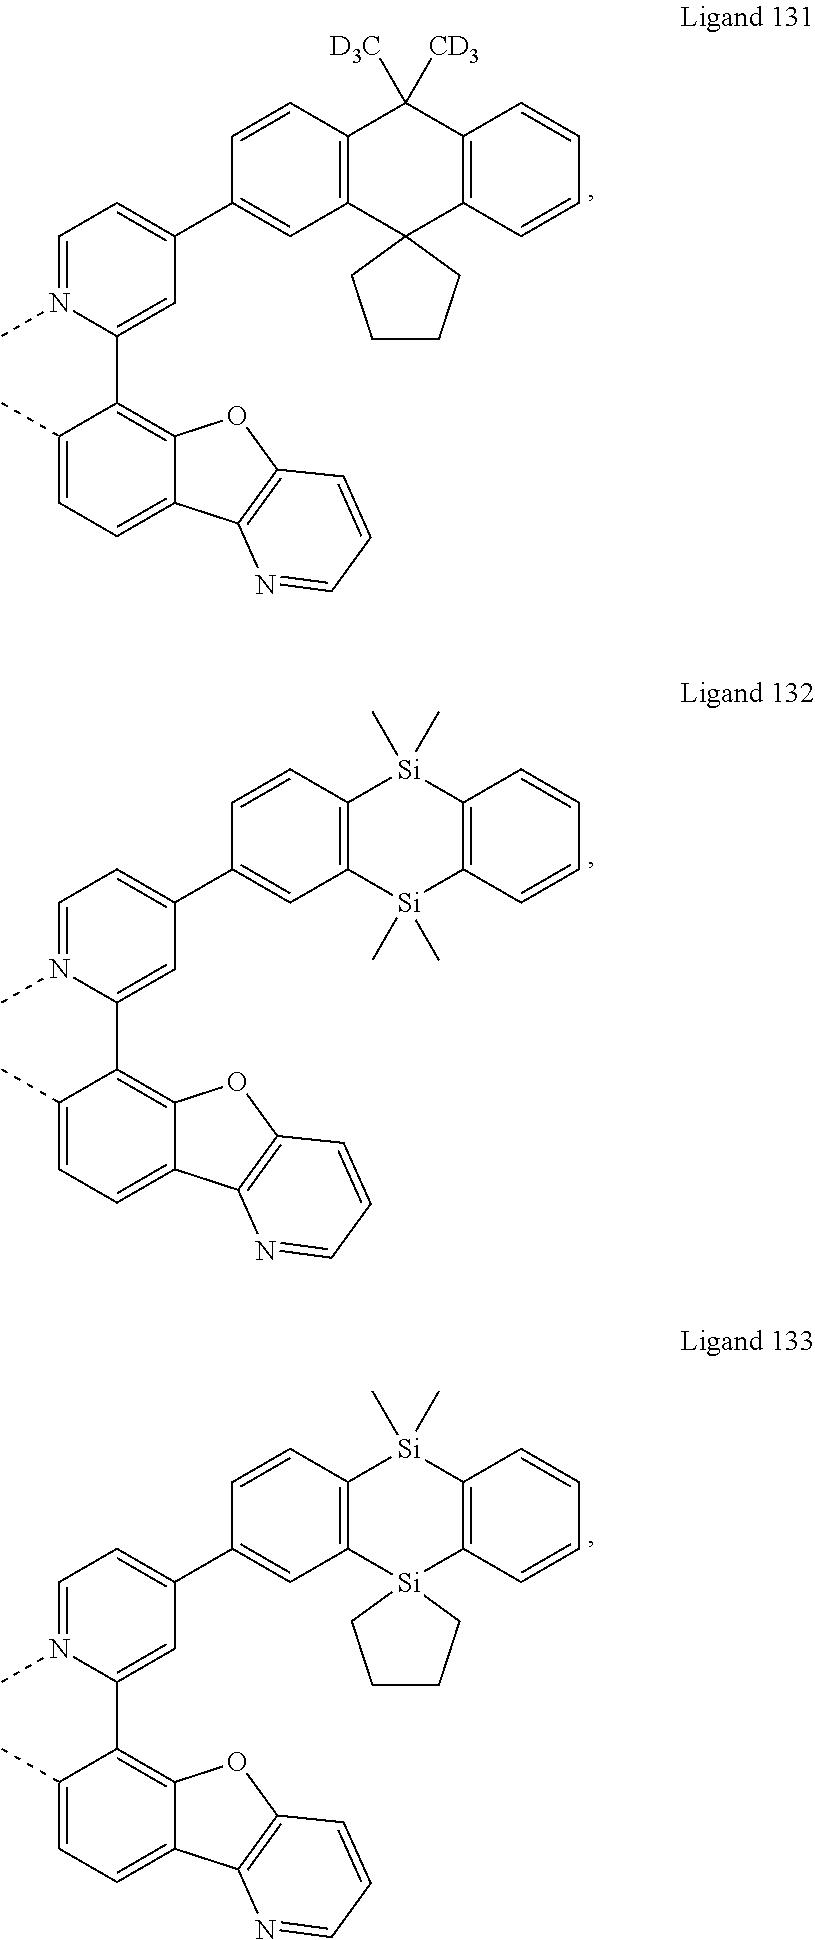 Figure US20180130962A1-20180510-C00065